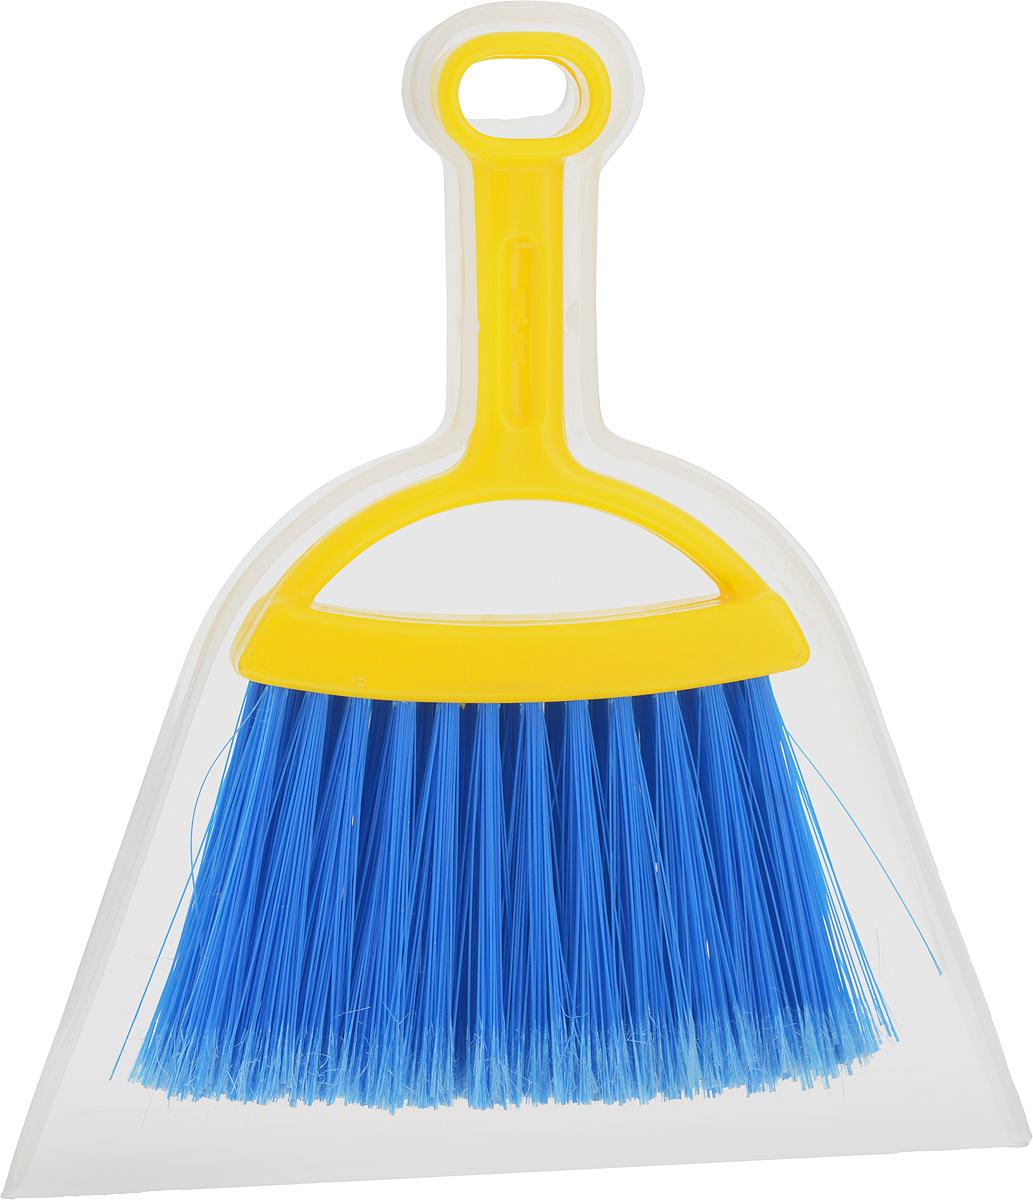 Набор для уборки Fratelli RE Mini, цвет: прозрачный, желтый, 2 предмета11701-A_прозрачный, желтыйНабор для уборки Fratelli RE Mini включает в себя совок и щетку-сметку, выполненные из прочного пластика и сложных полимеров. Эластичный ворс на щетке не оставит от грязи и следа, мусор будет легко сметаться на него. Для дополнительного удобства совок и щетка-сметка снабжены специальным креплением, с помощью которого, вложив щетку в совок, их можно разместить в любом месте. Размер совка: 21 х 19 х 2,5 см. Длина ручки совка: 8 см. Размер щетки: 19 х 14 х 2 см. Длина ручки щетки: 11 см. Длина ворса: 7,5 см.